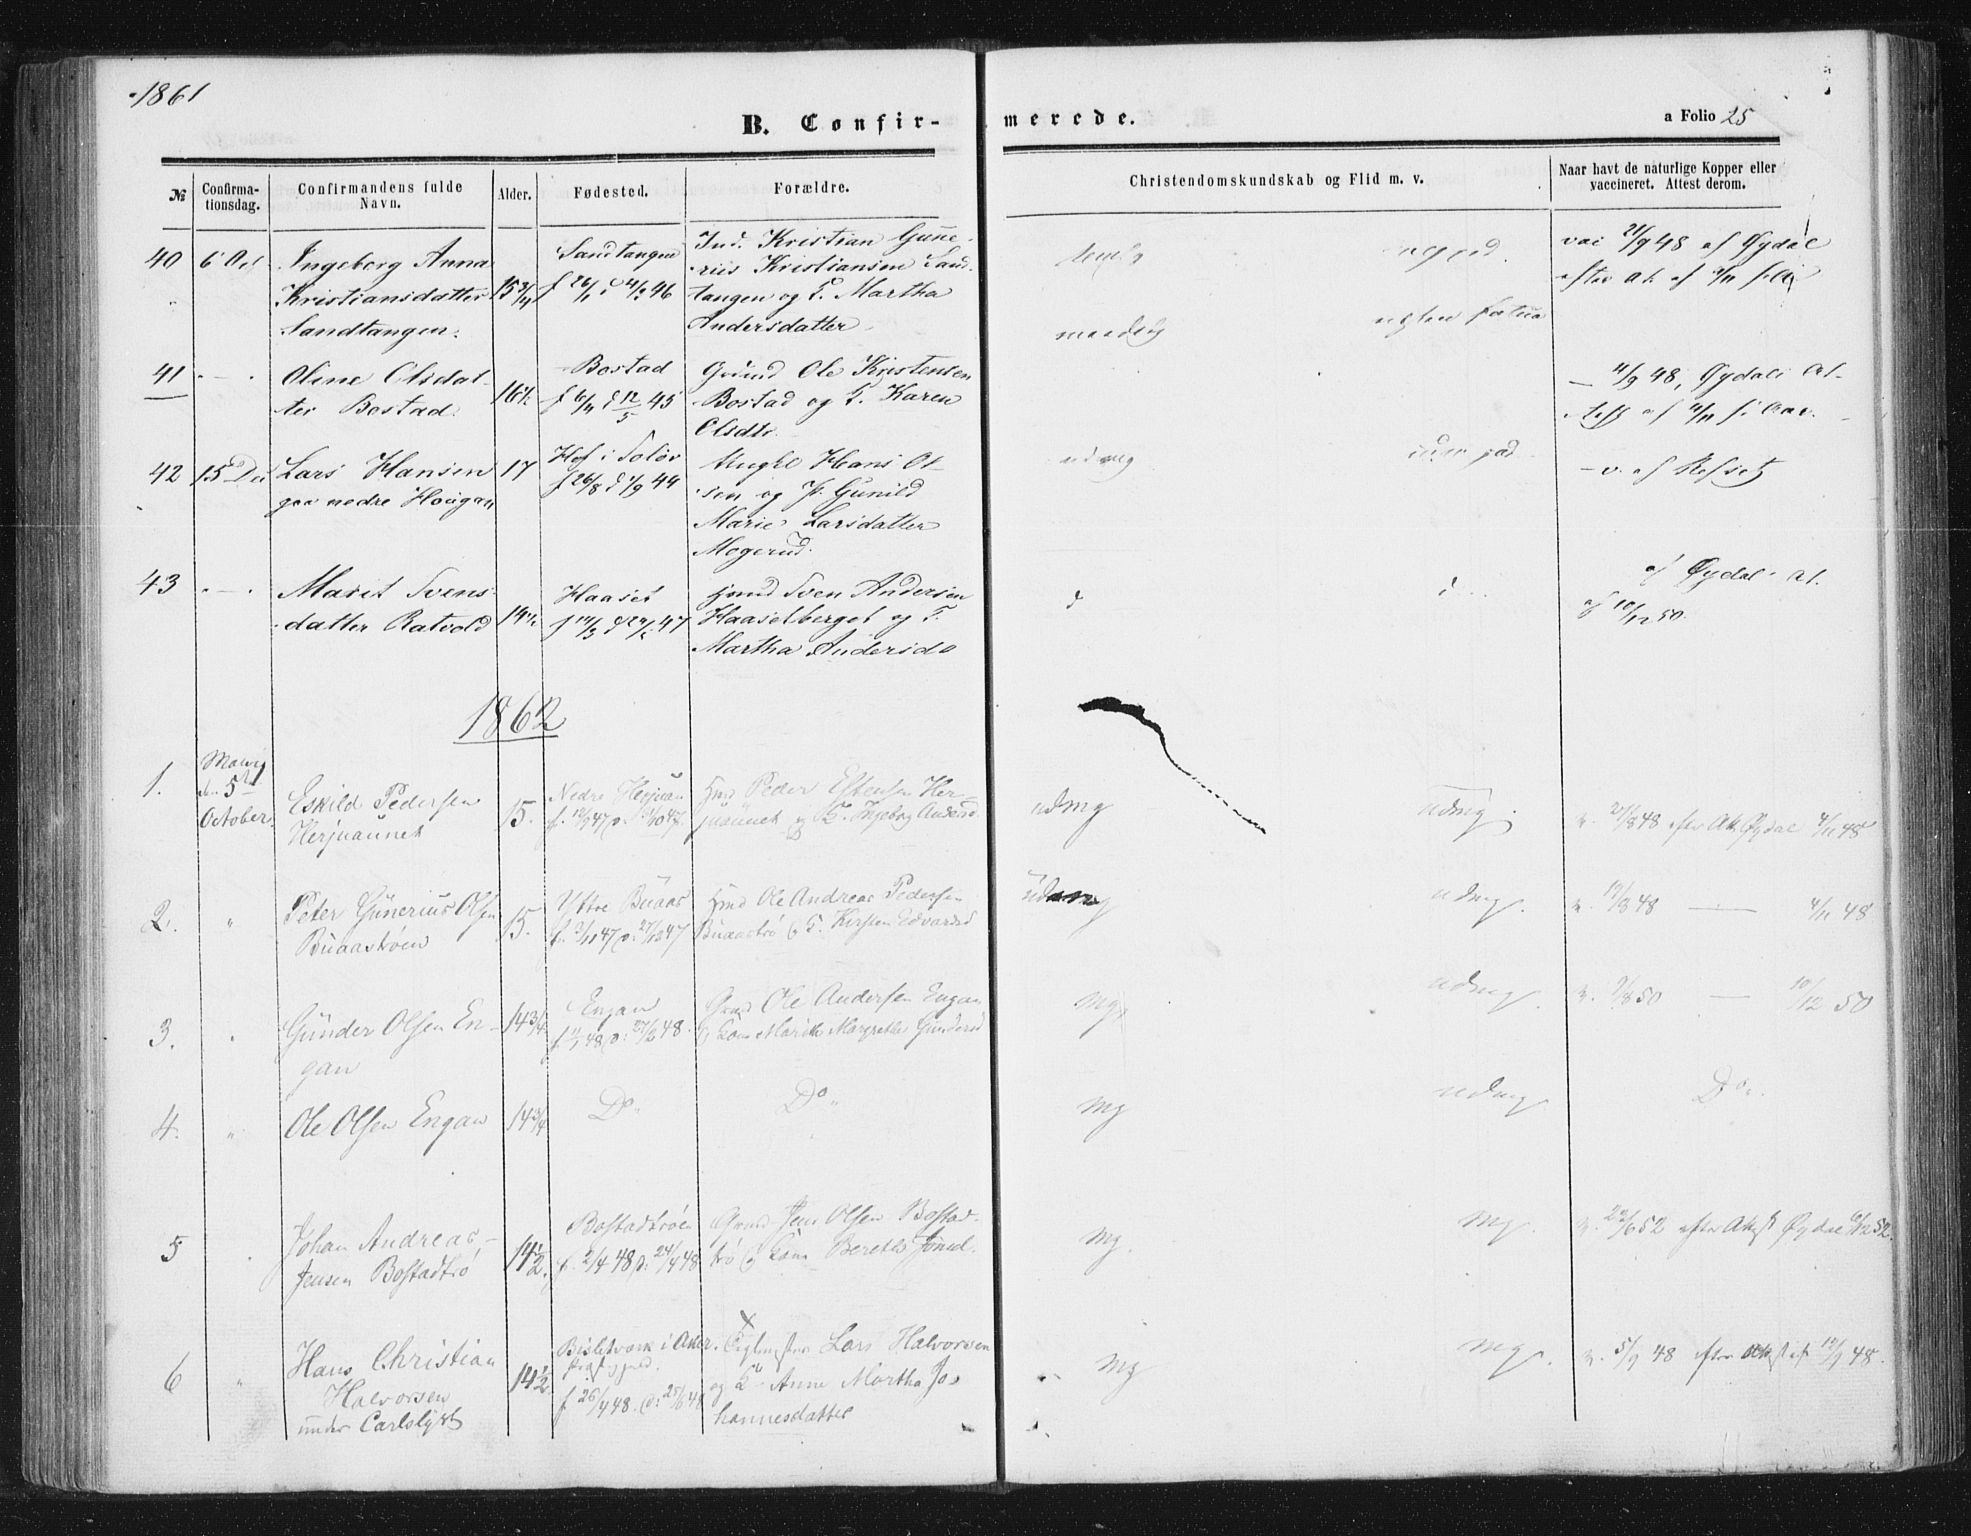 SAT, Ministerialprotokoller, klokkerbøker og fødselsregistre - Sør-Trøndelag, 616/L0408: Ministerialbok nr. 616A05, 1857-1865, s. 25